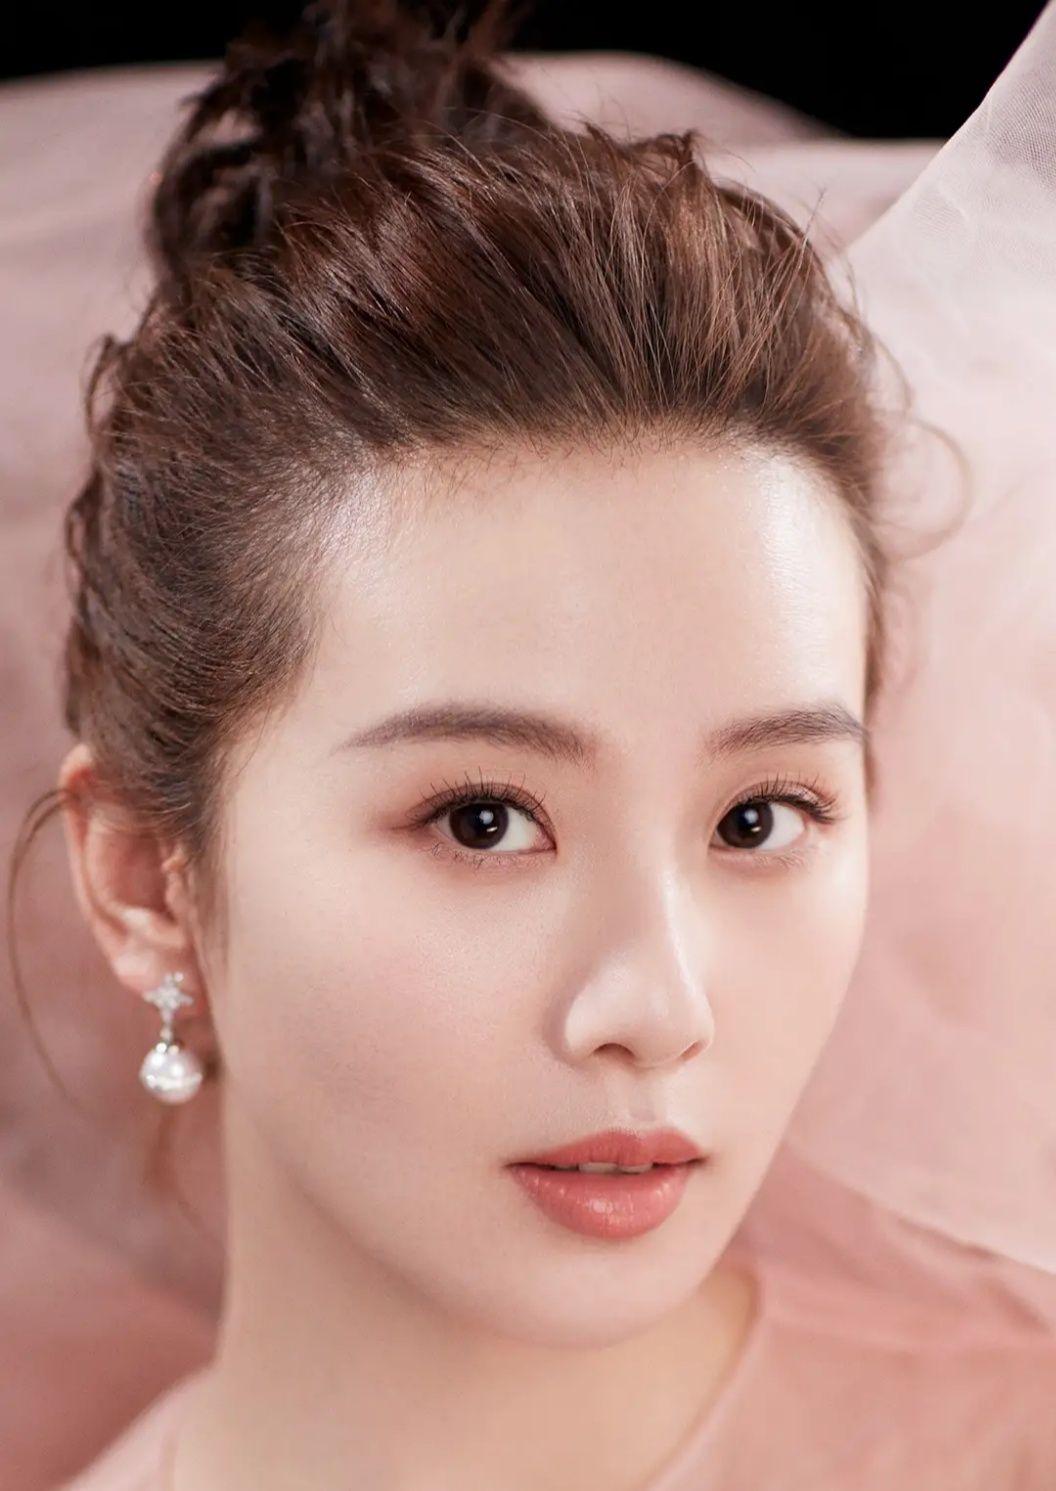 影视明星刘诗诗写真:美若天仙,白雪公主颜值!